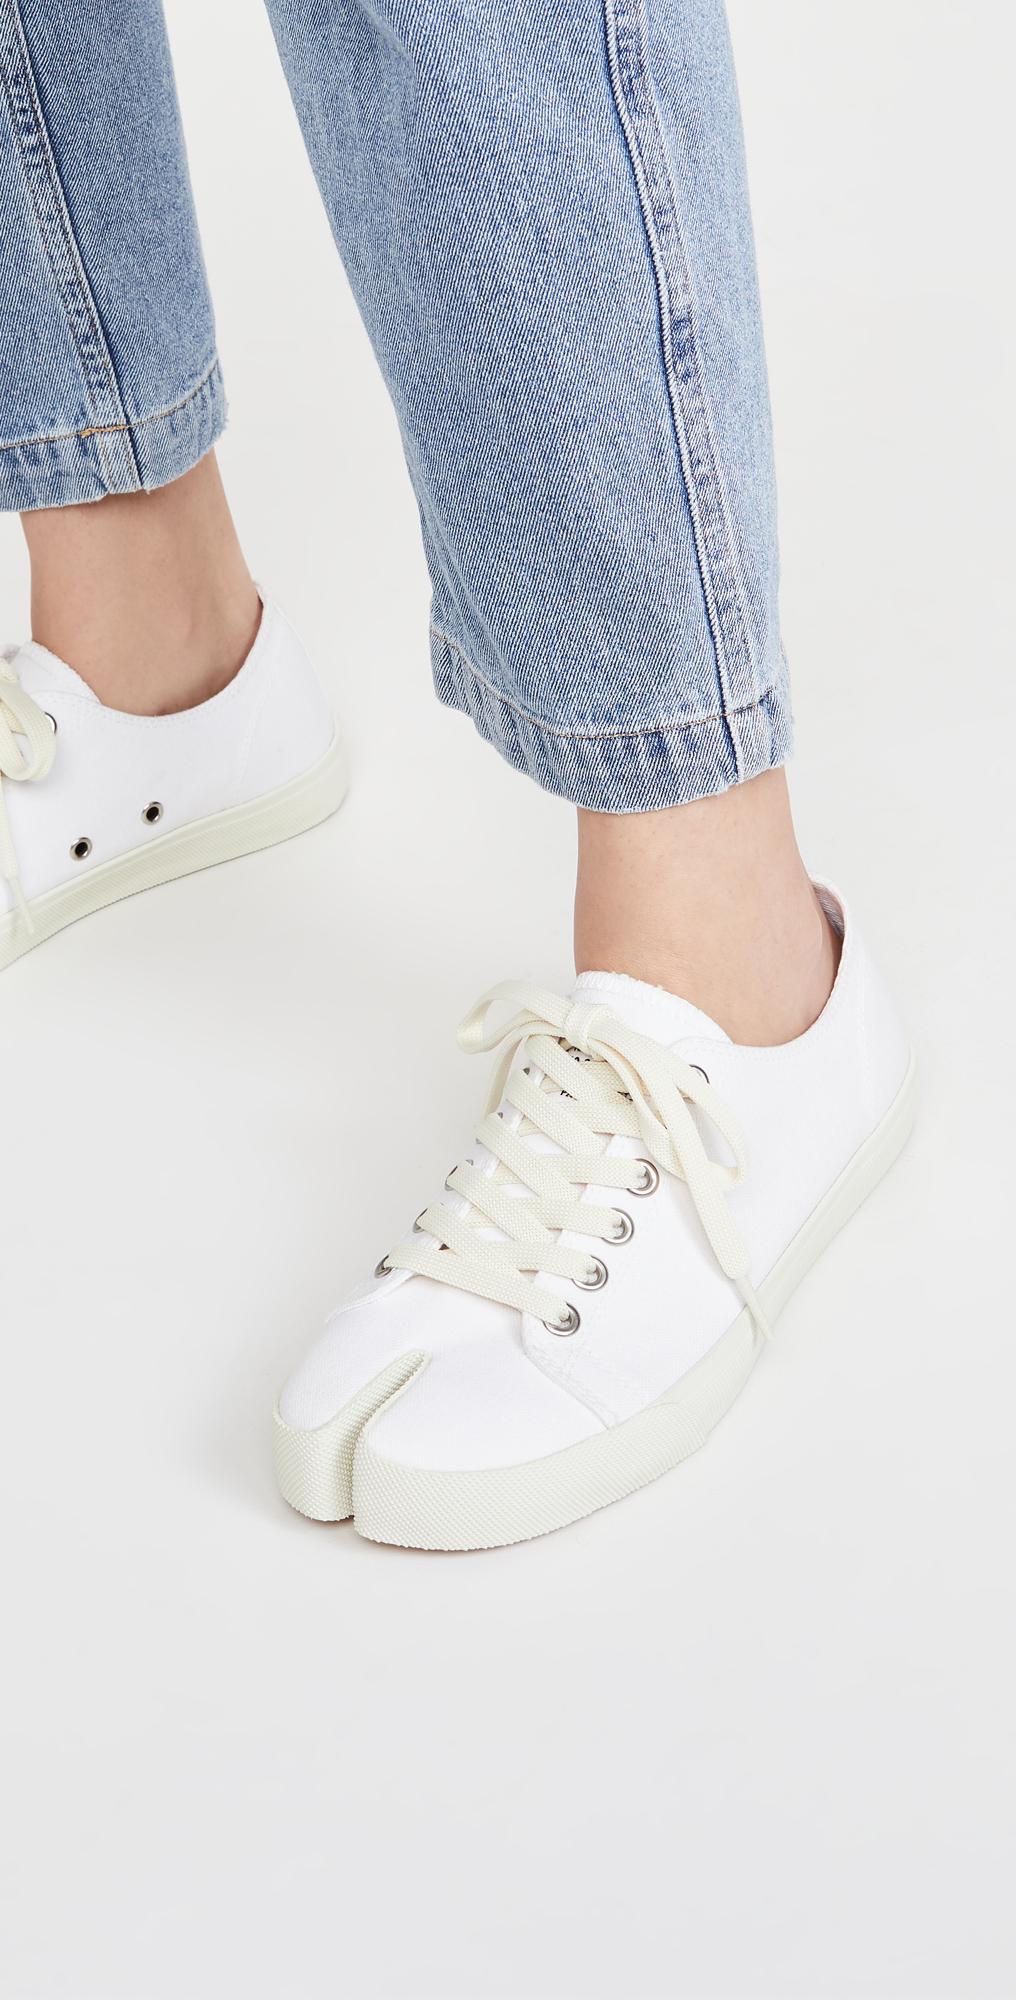 Sneakers tabi MSMG